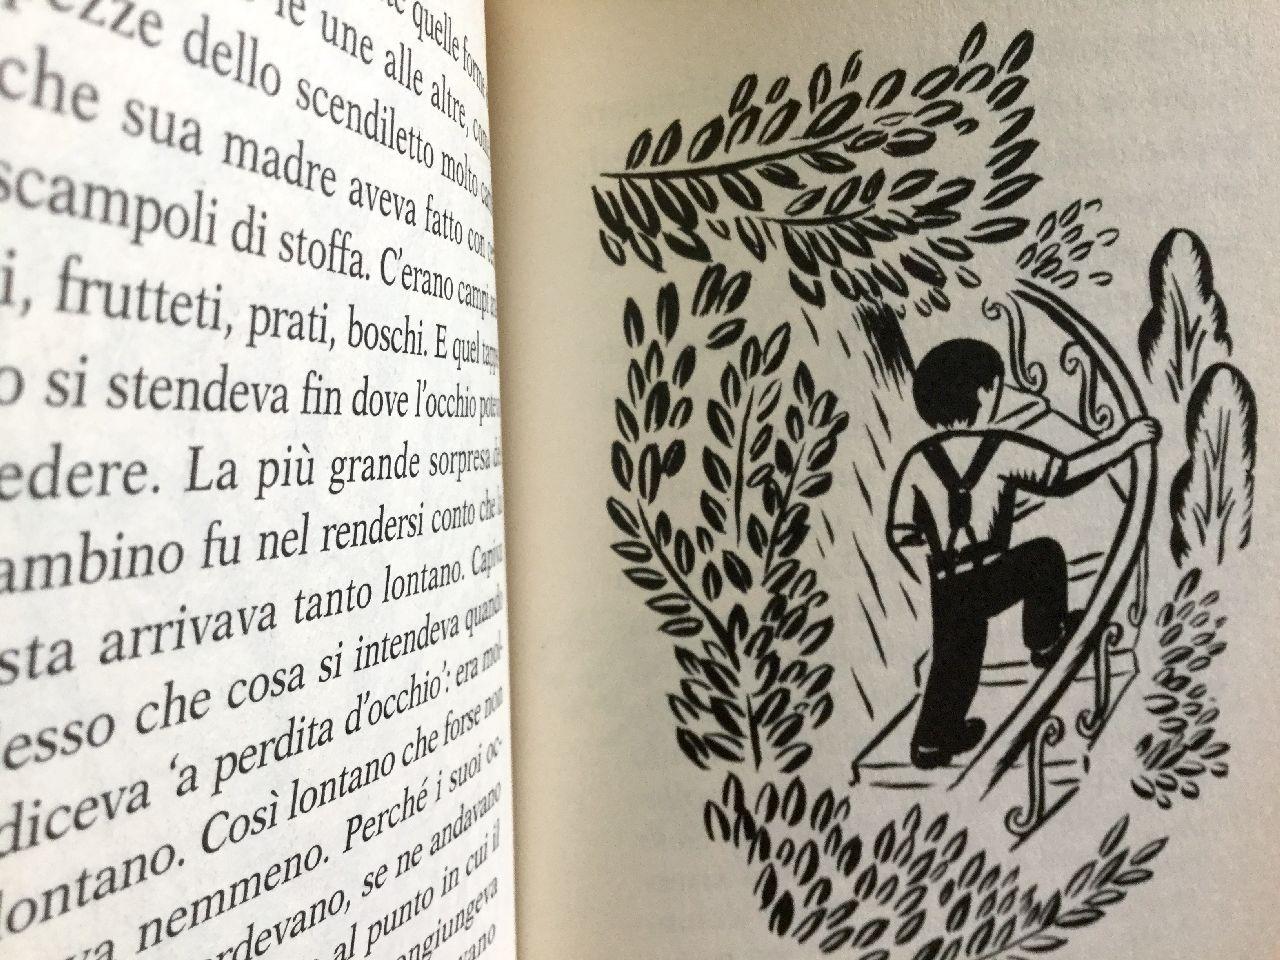 Jean Giono, Il bambino che sognava l'infinito, Salani